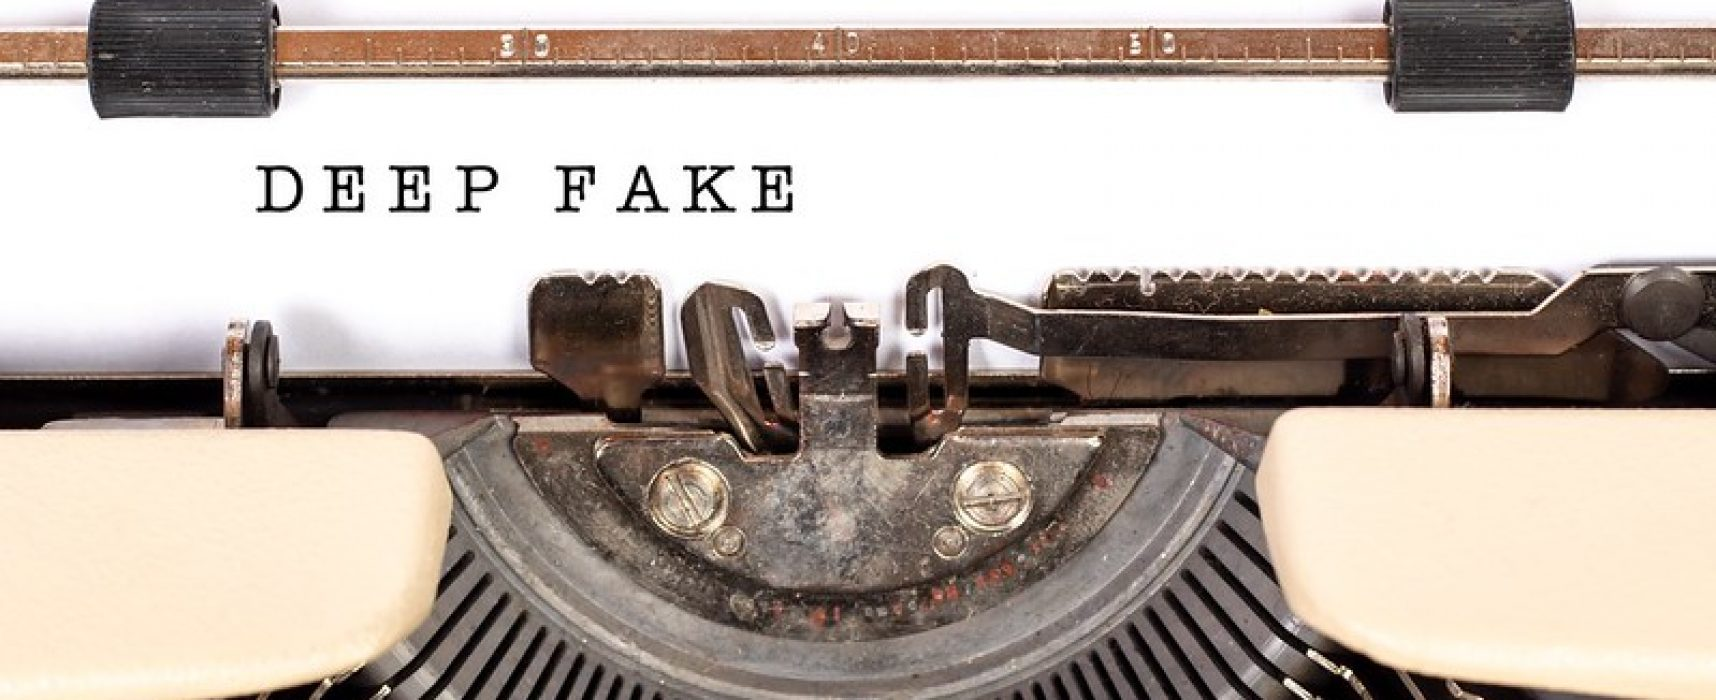 Deepfake: как видеофейки стали серьезной угрозой и объединили общество